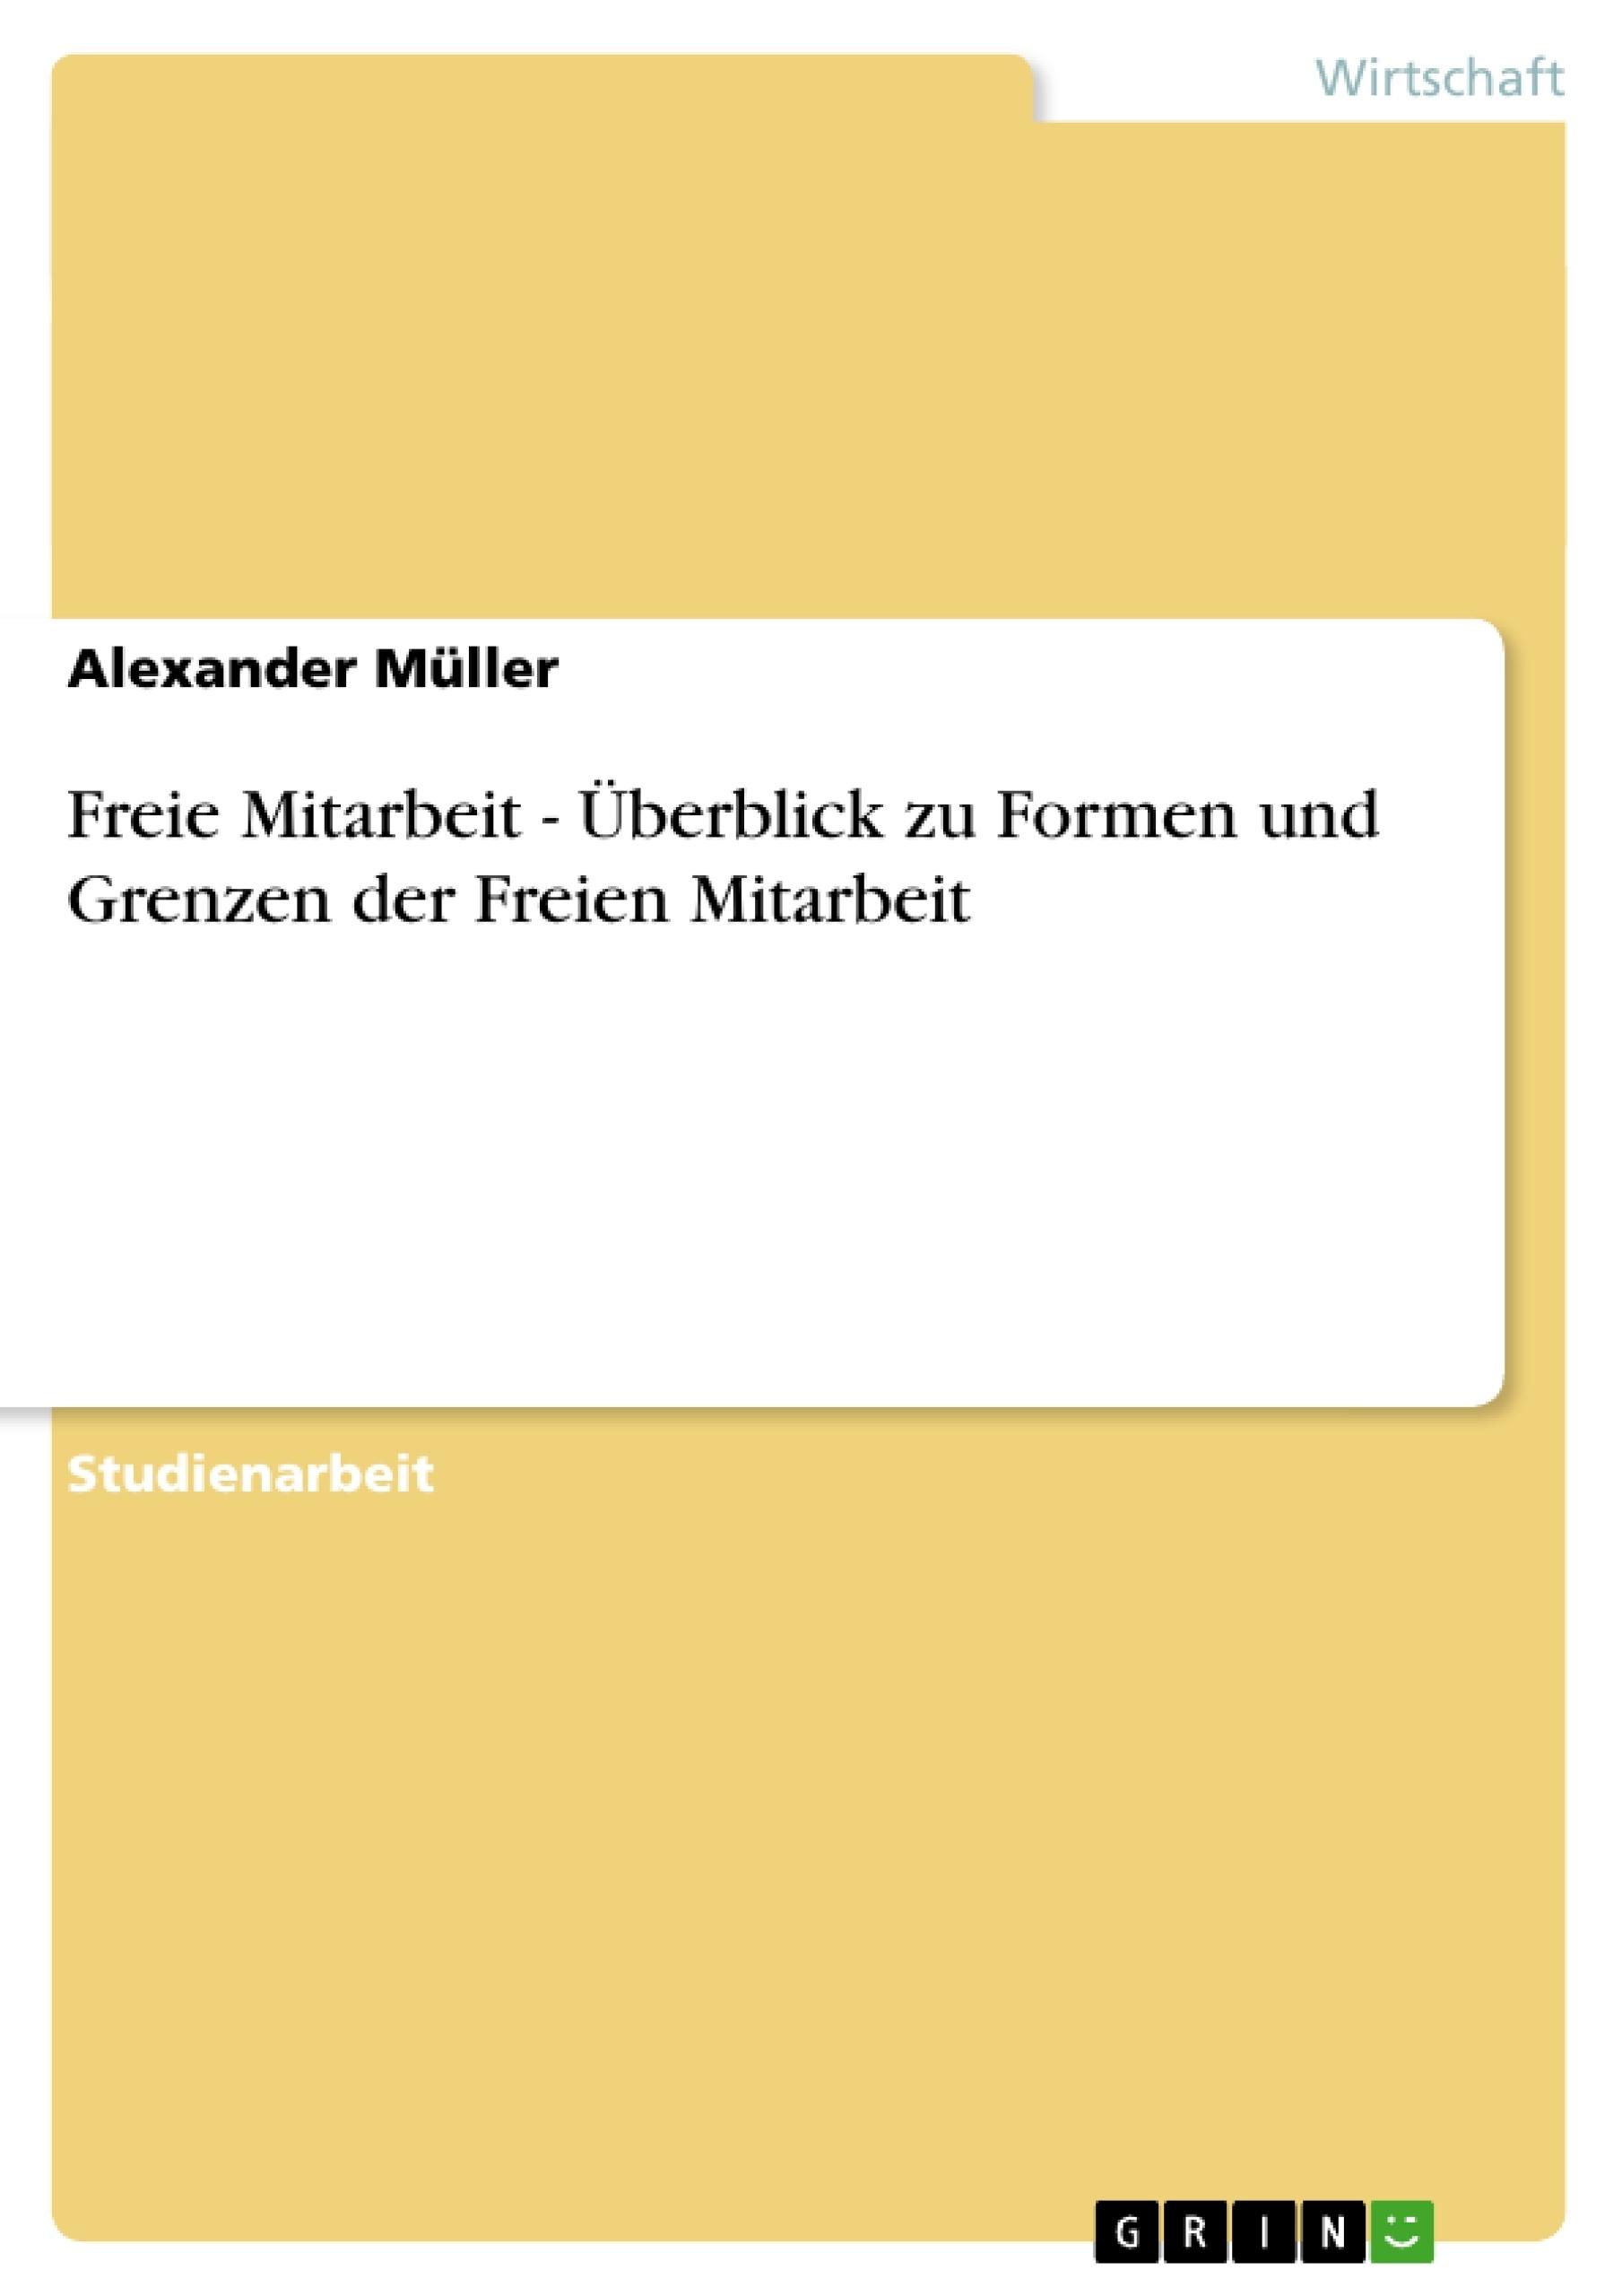 Titel: Freie Mitarbeit - Überblick zu Formen und Grenzen der Freien Mitarbeit